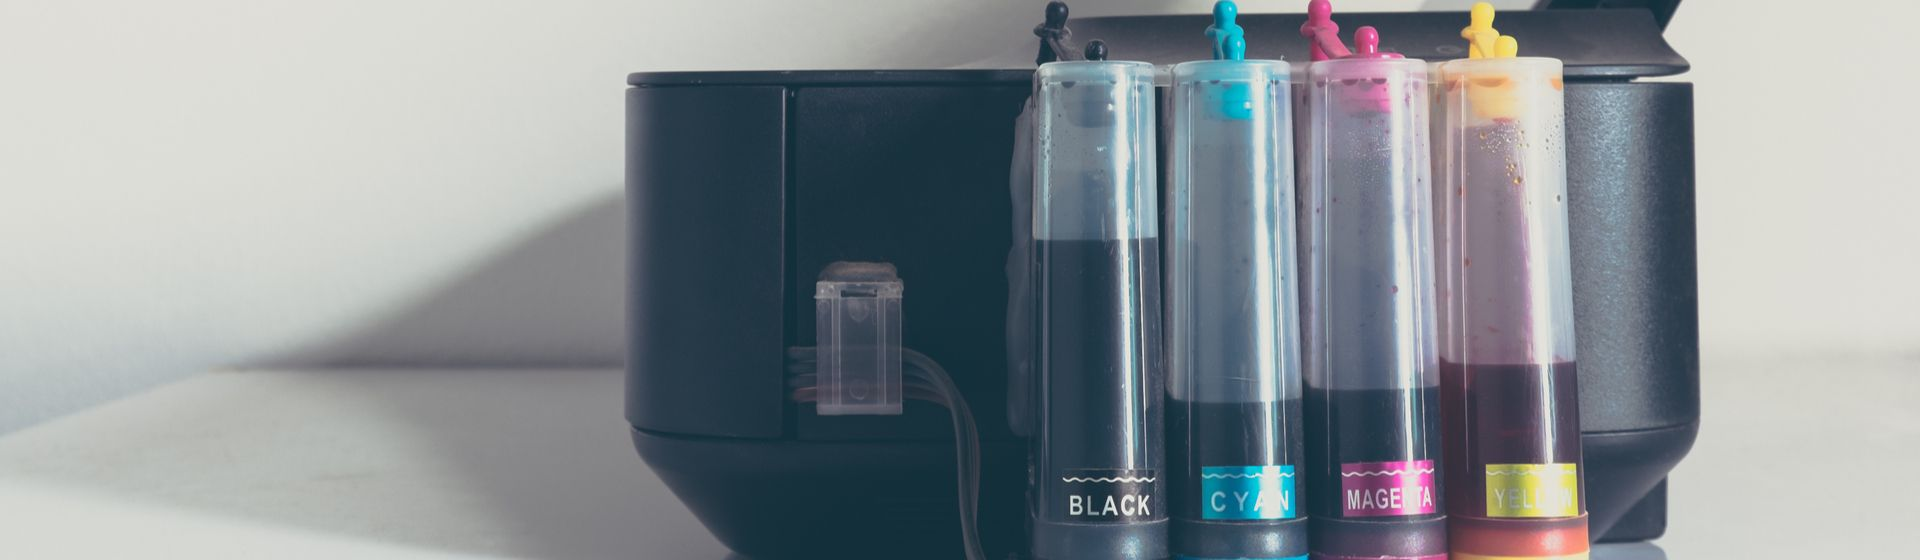 Melhor impressora bulk ink em 2021: 6 modelos para comprar